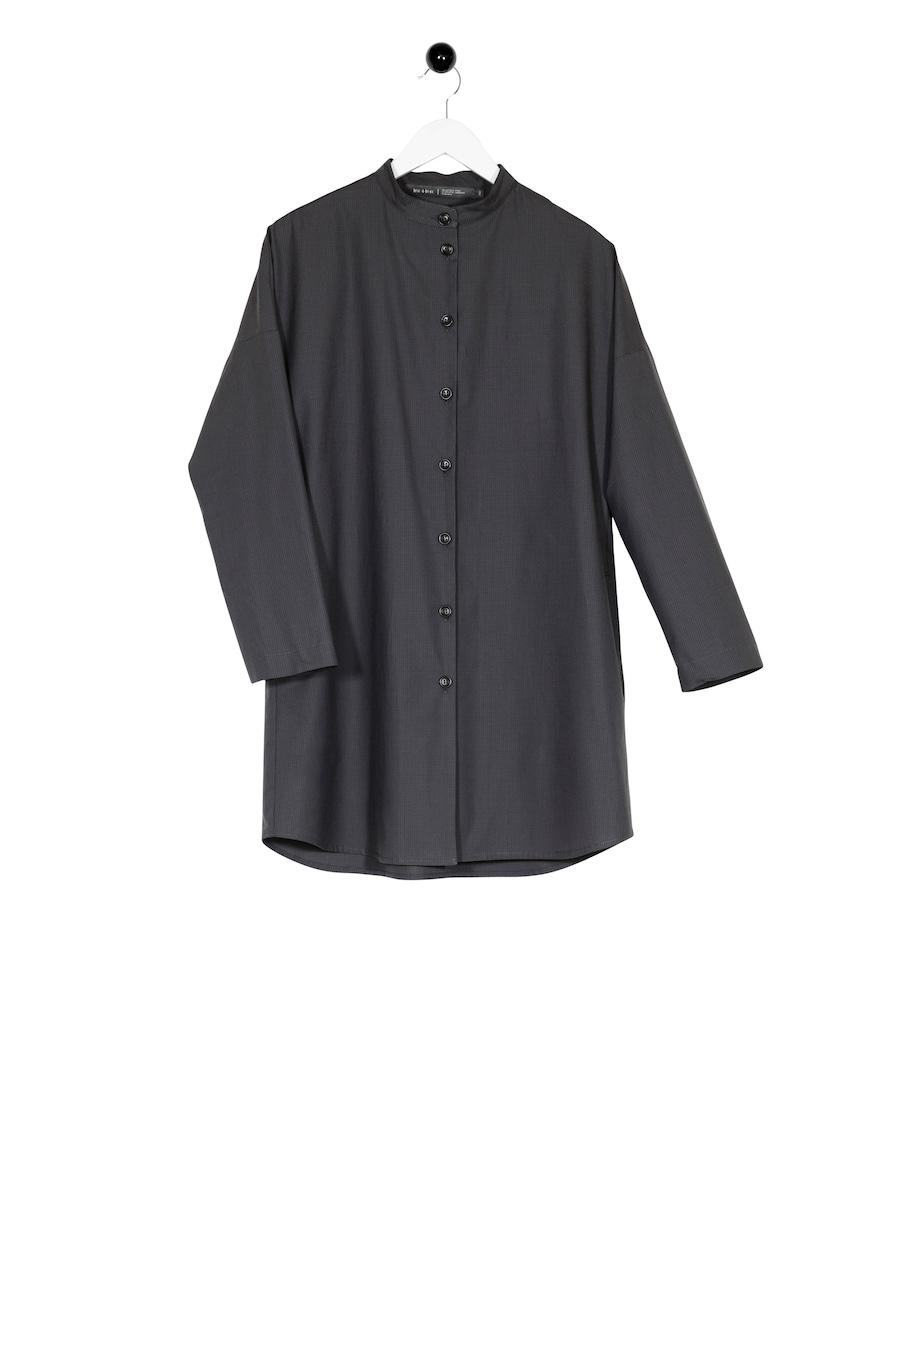 Holmby Shirt Long